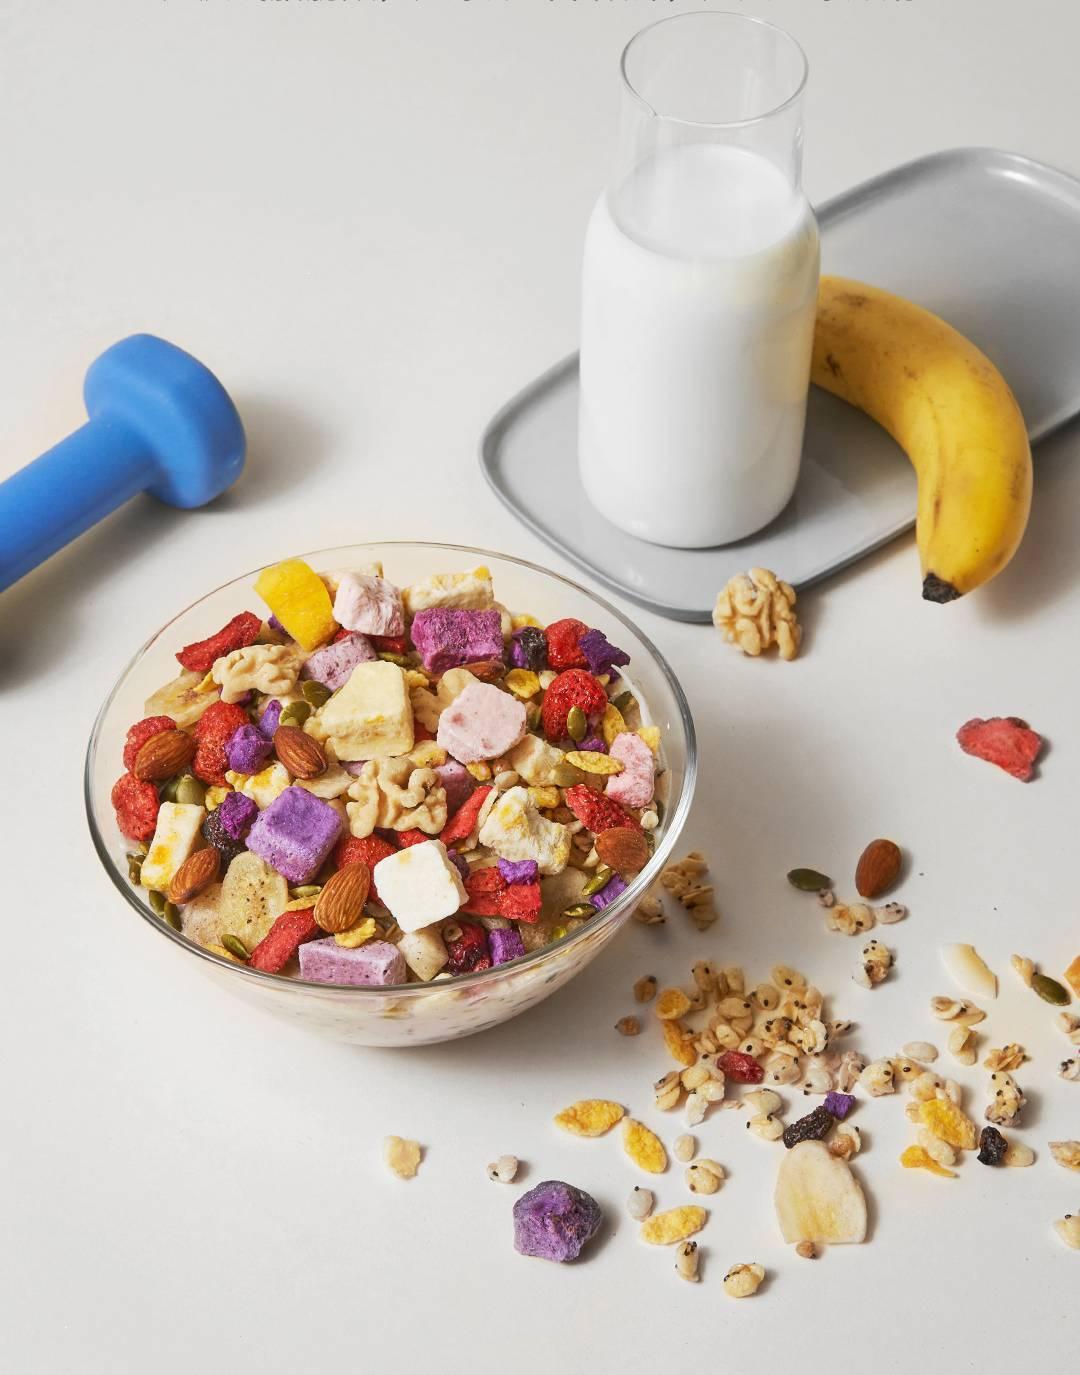 香蕉的热量高_NIO蔚来 - 低热量高营养 | 奇亚籽酸奶块水果麦片上线